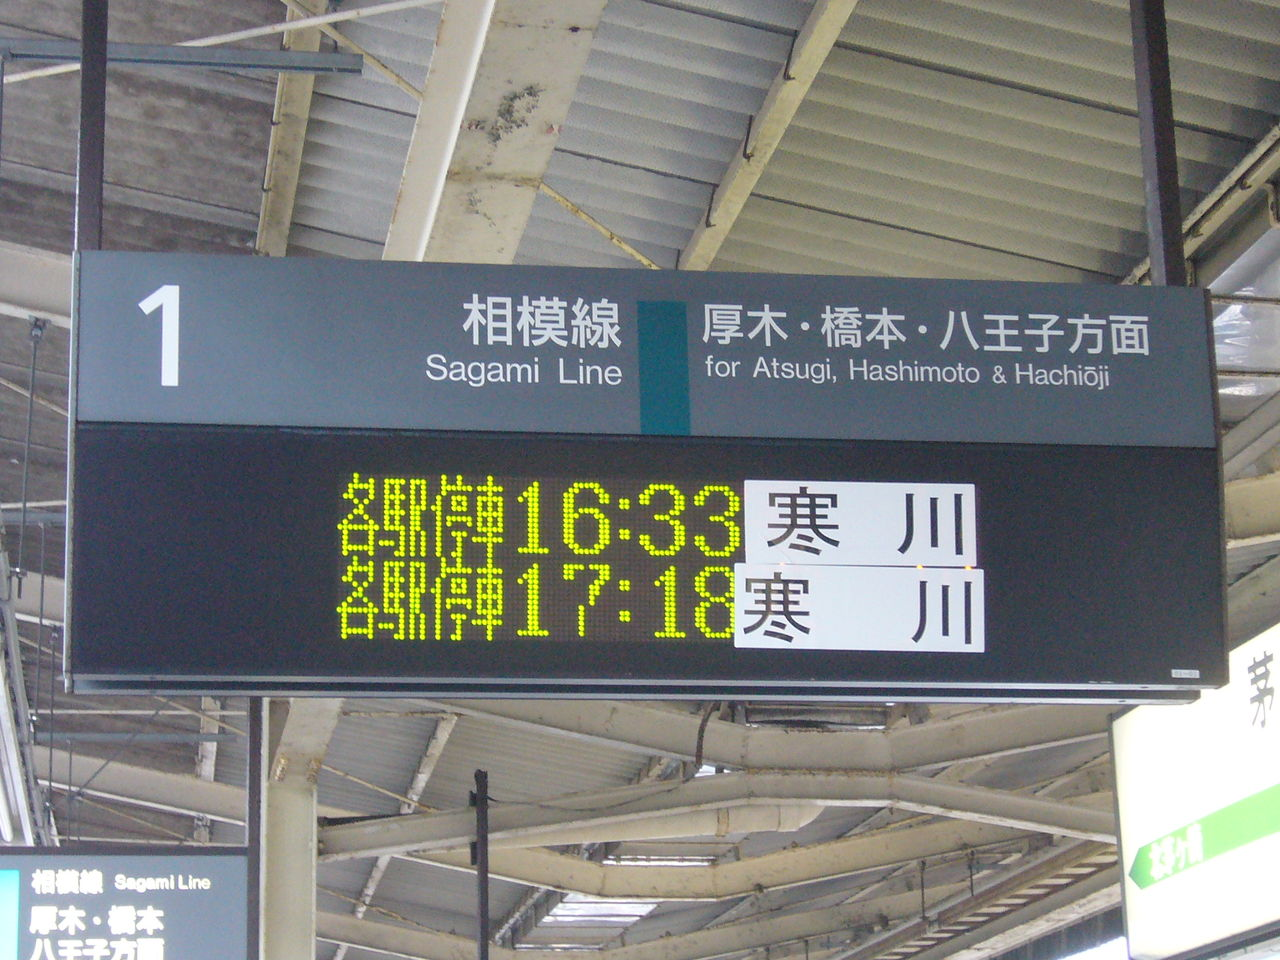 http://livedoor.blogimg.jp/seize_the_mydays/imgs/1/0/10a74697.jpg